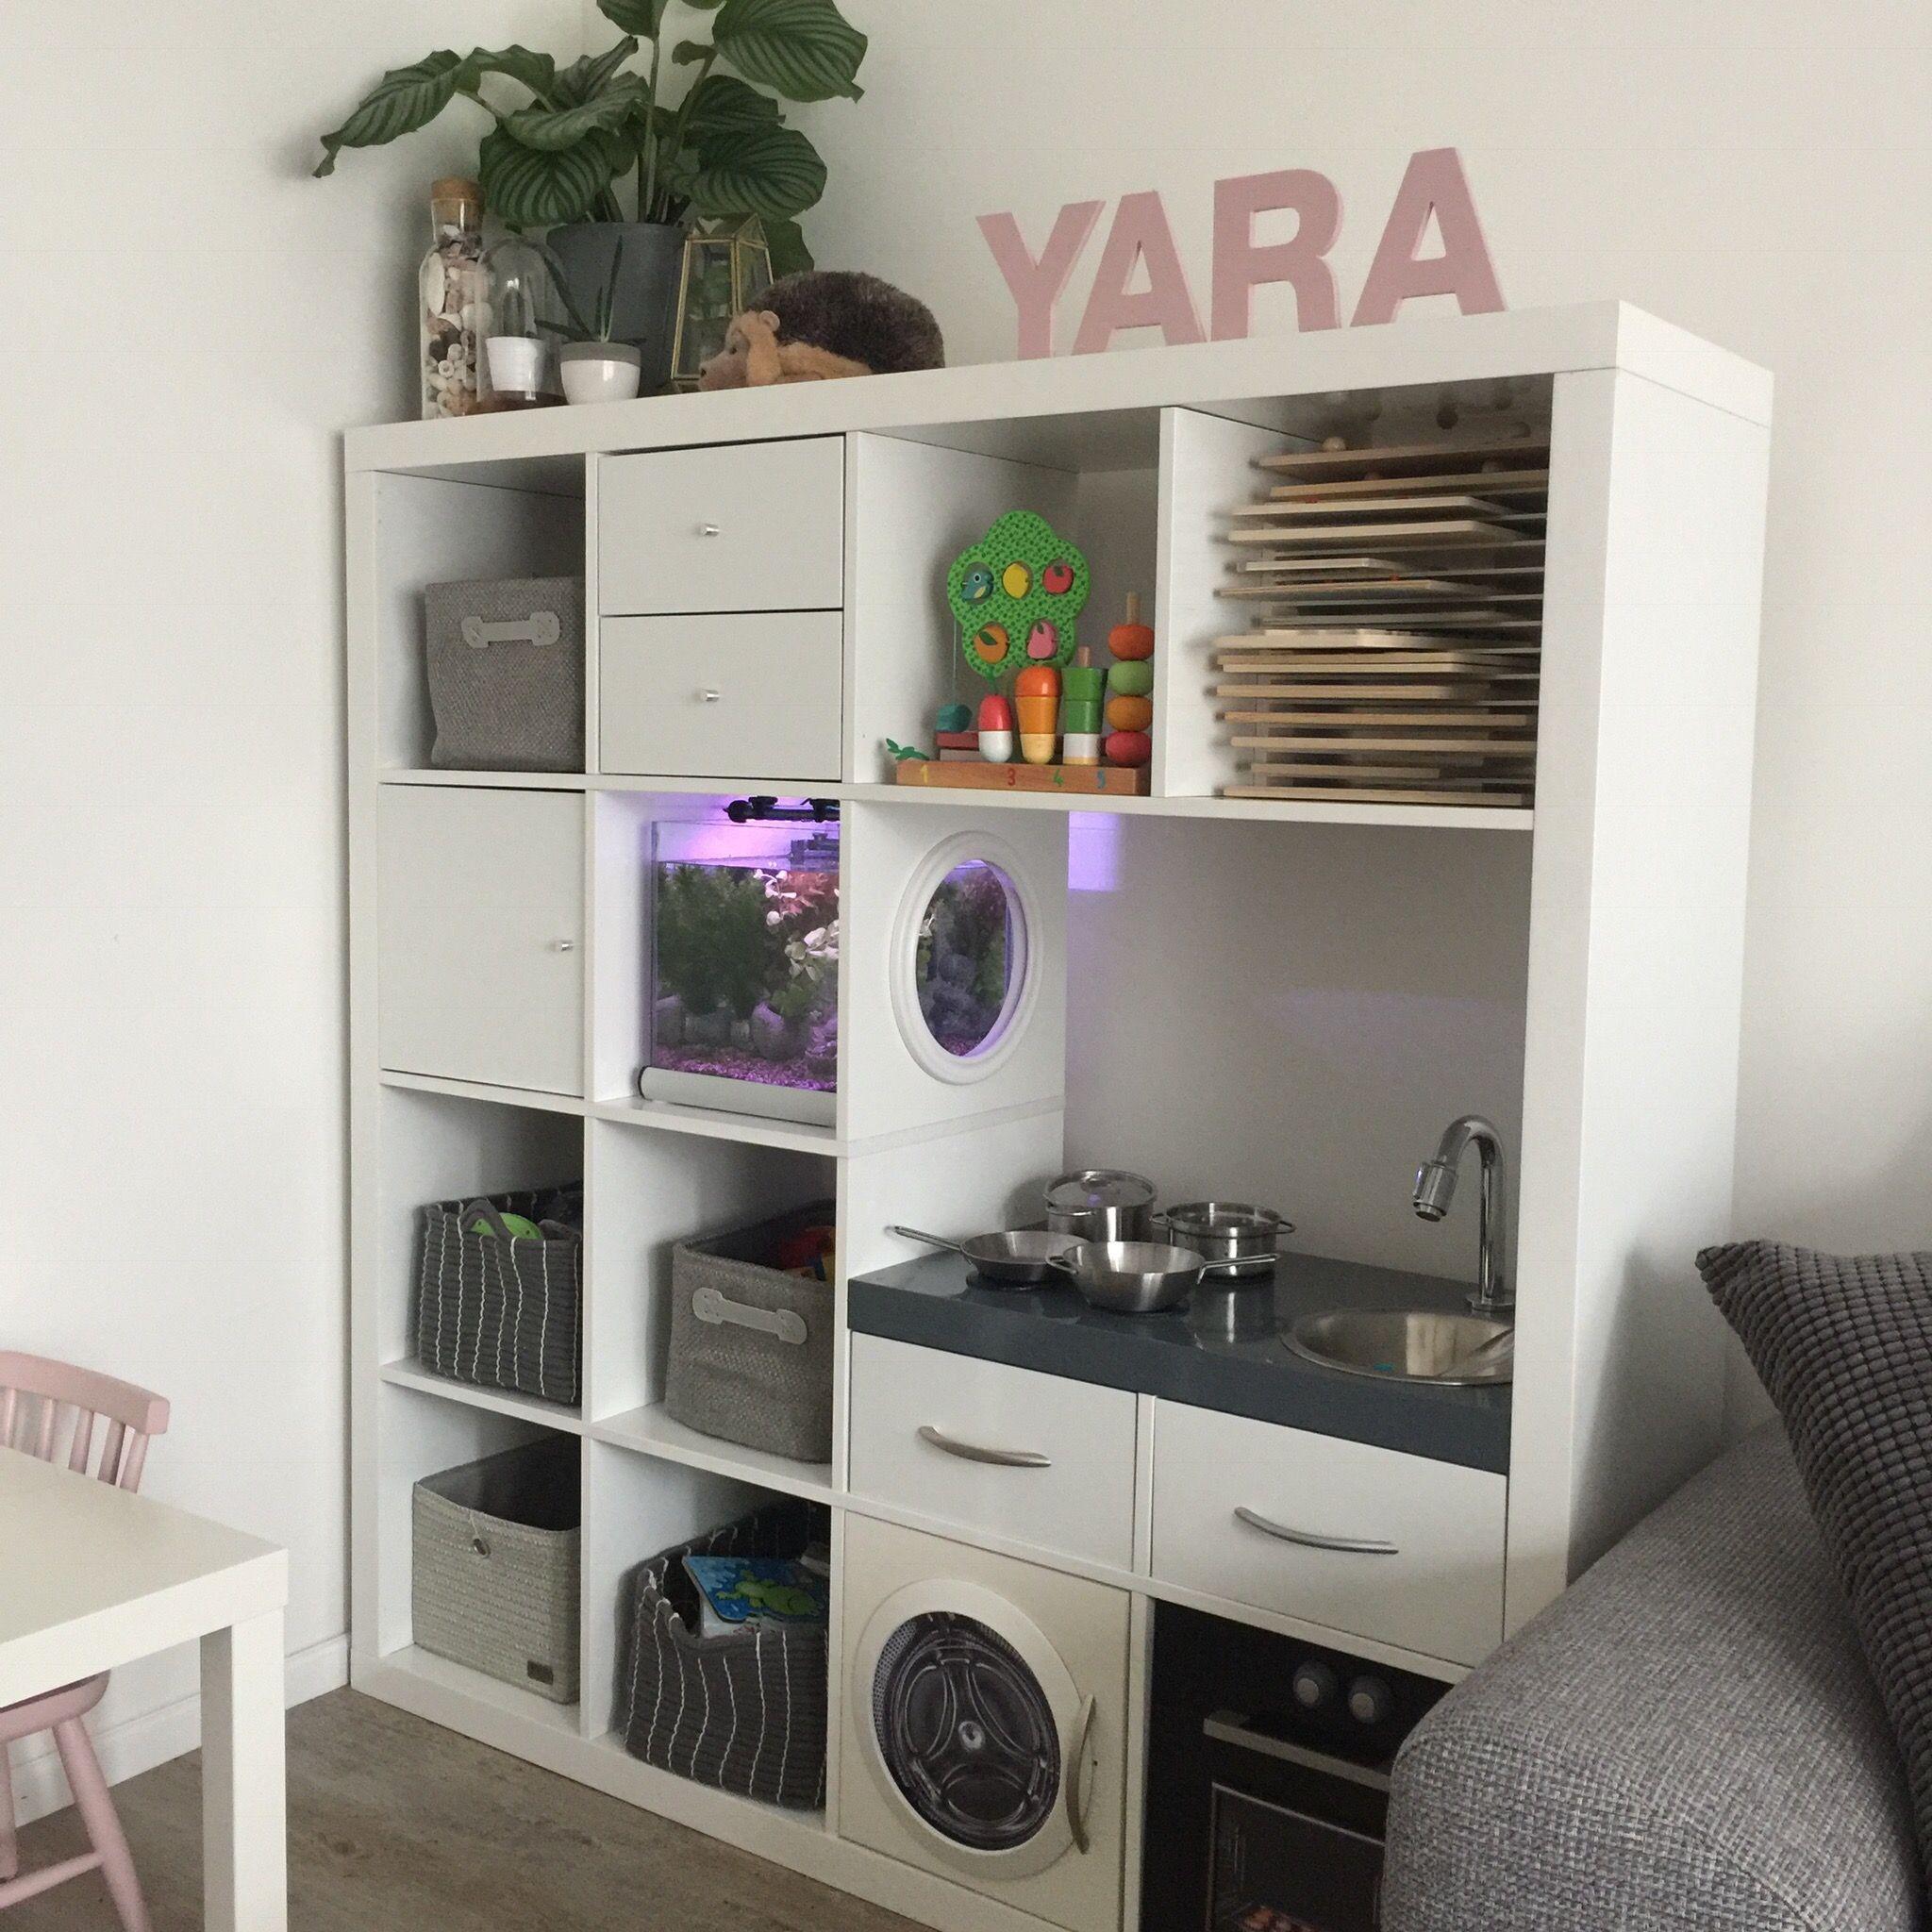 Ikea Kallax Kast Ikeahack Speelgoedkast Vissenkom In Kast